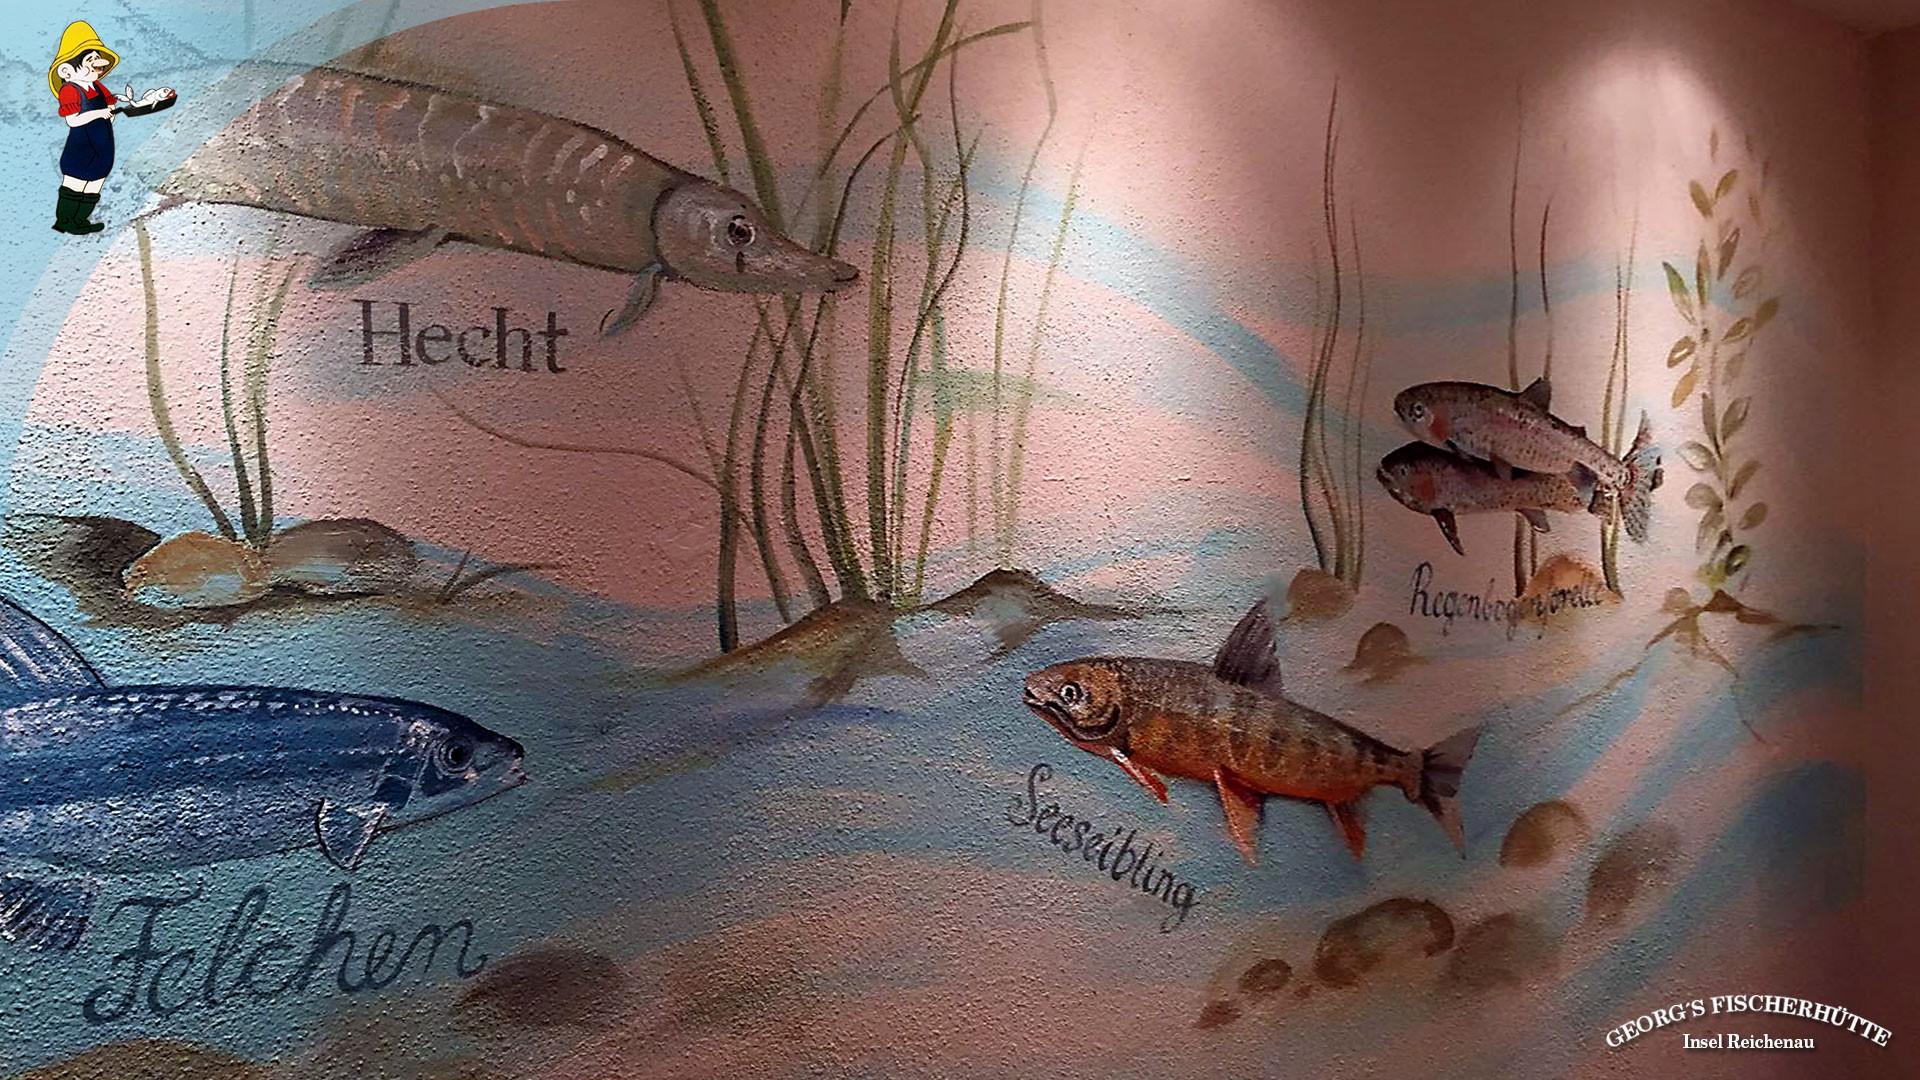 Fisch-Restaurant Georg's Fischerhütte, Konstanz, Insel Reichenau: Bodenseefische